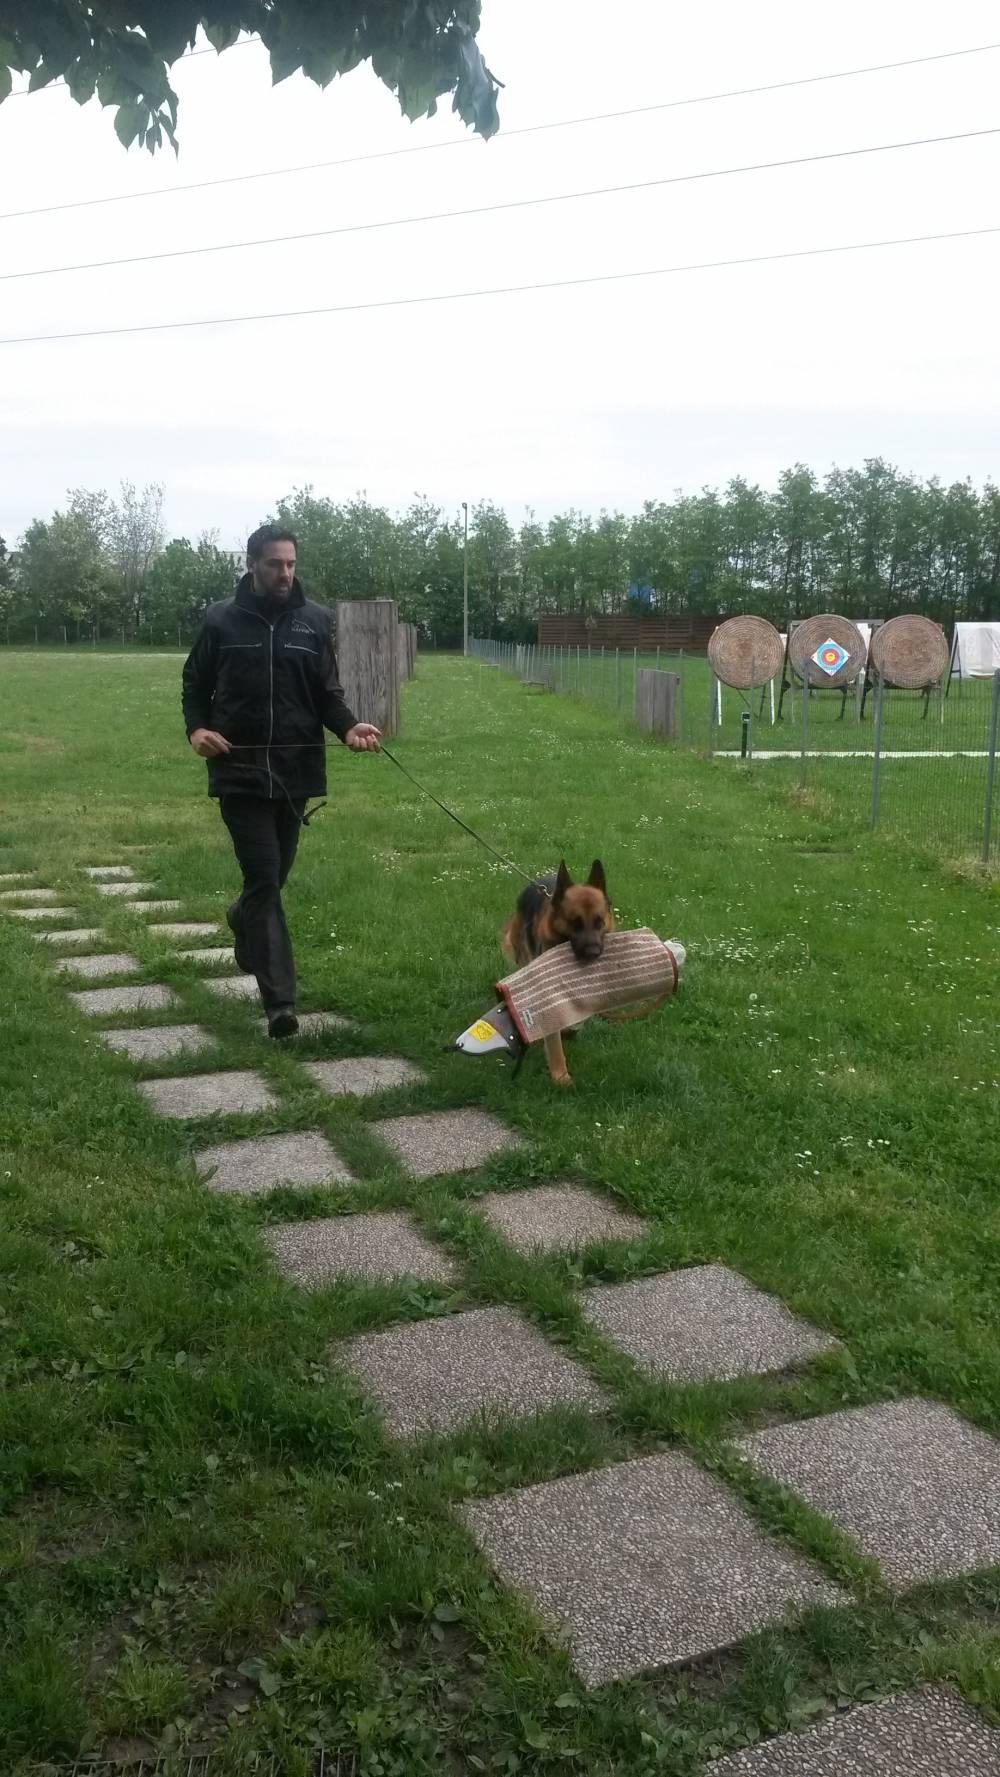 addestramento cani conegliano oderzo treviso vittorio veneto difesa